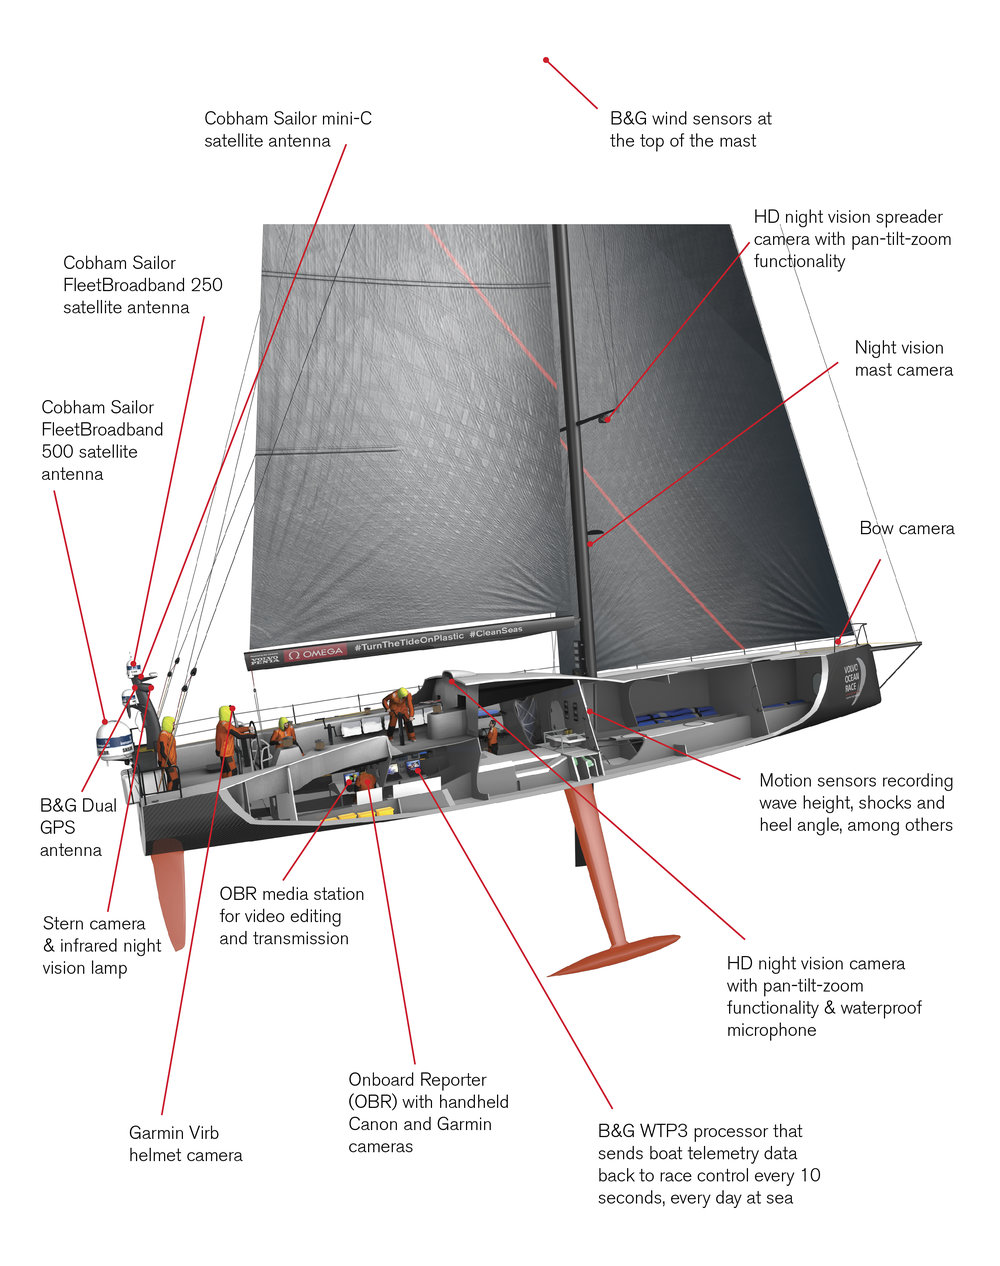 Alla båtar har samma tekniska utrustning för film, foto och sändning.